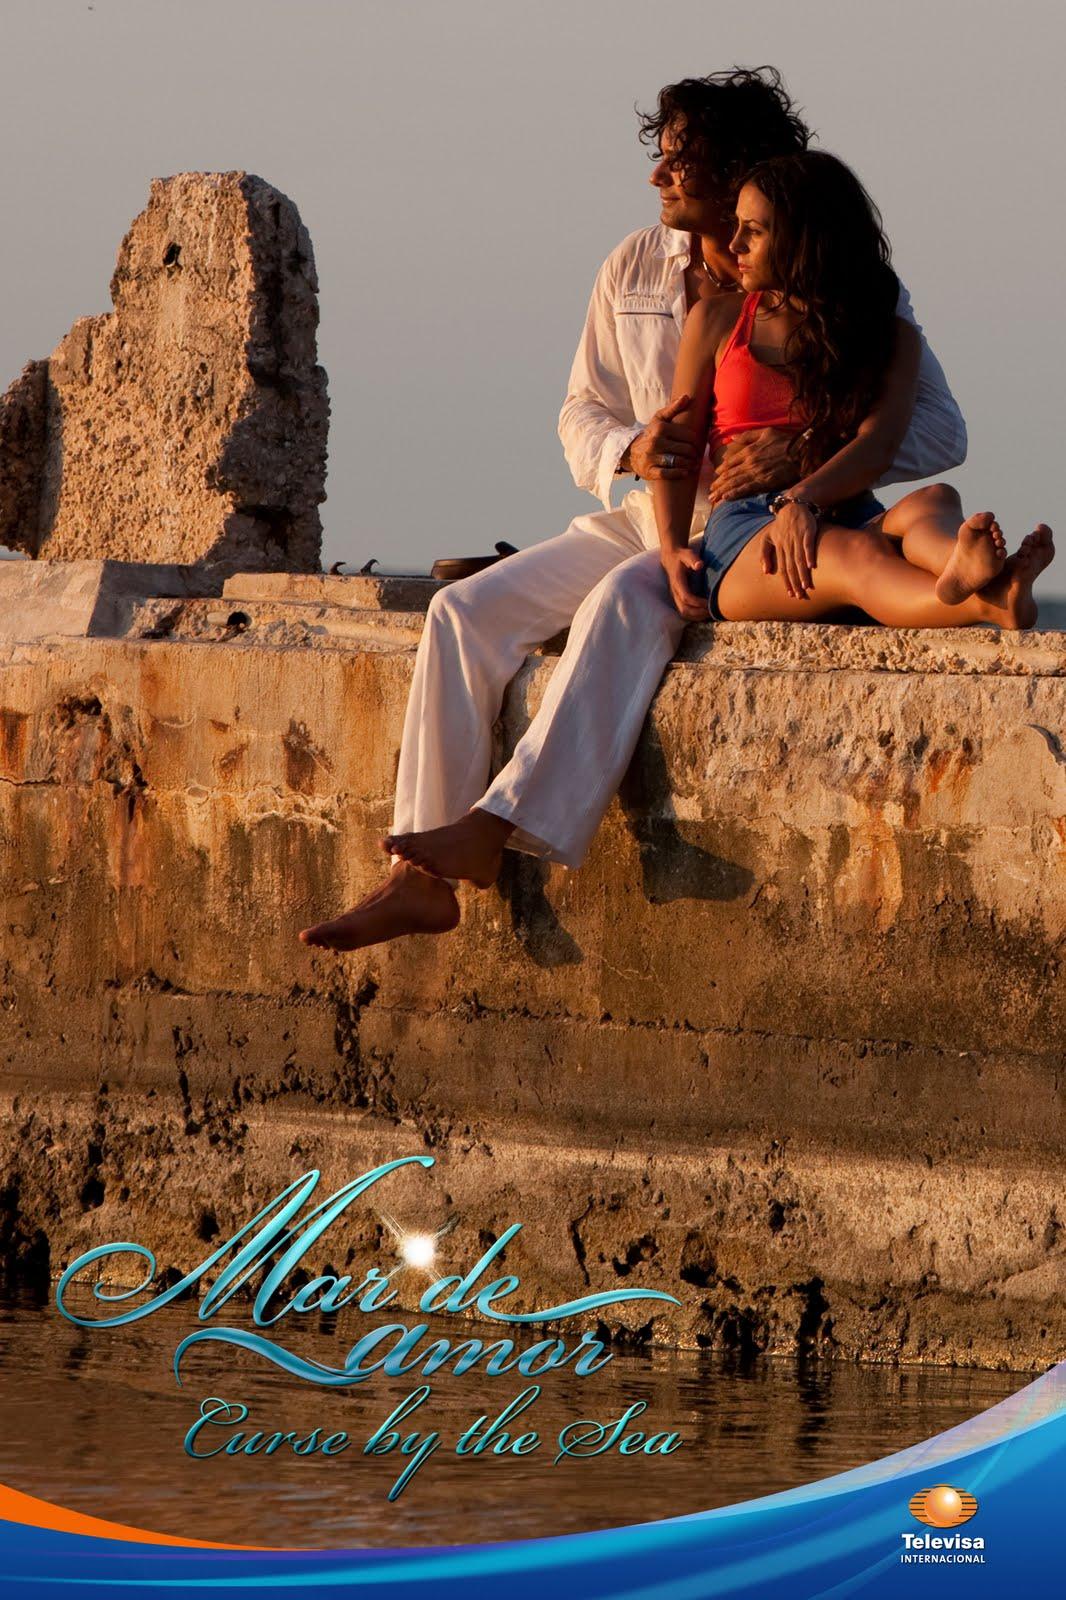 Mario Cimarro and Zuria Vega in Mar de amor (2009)